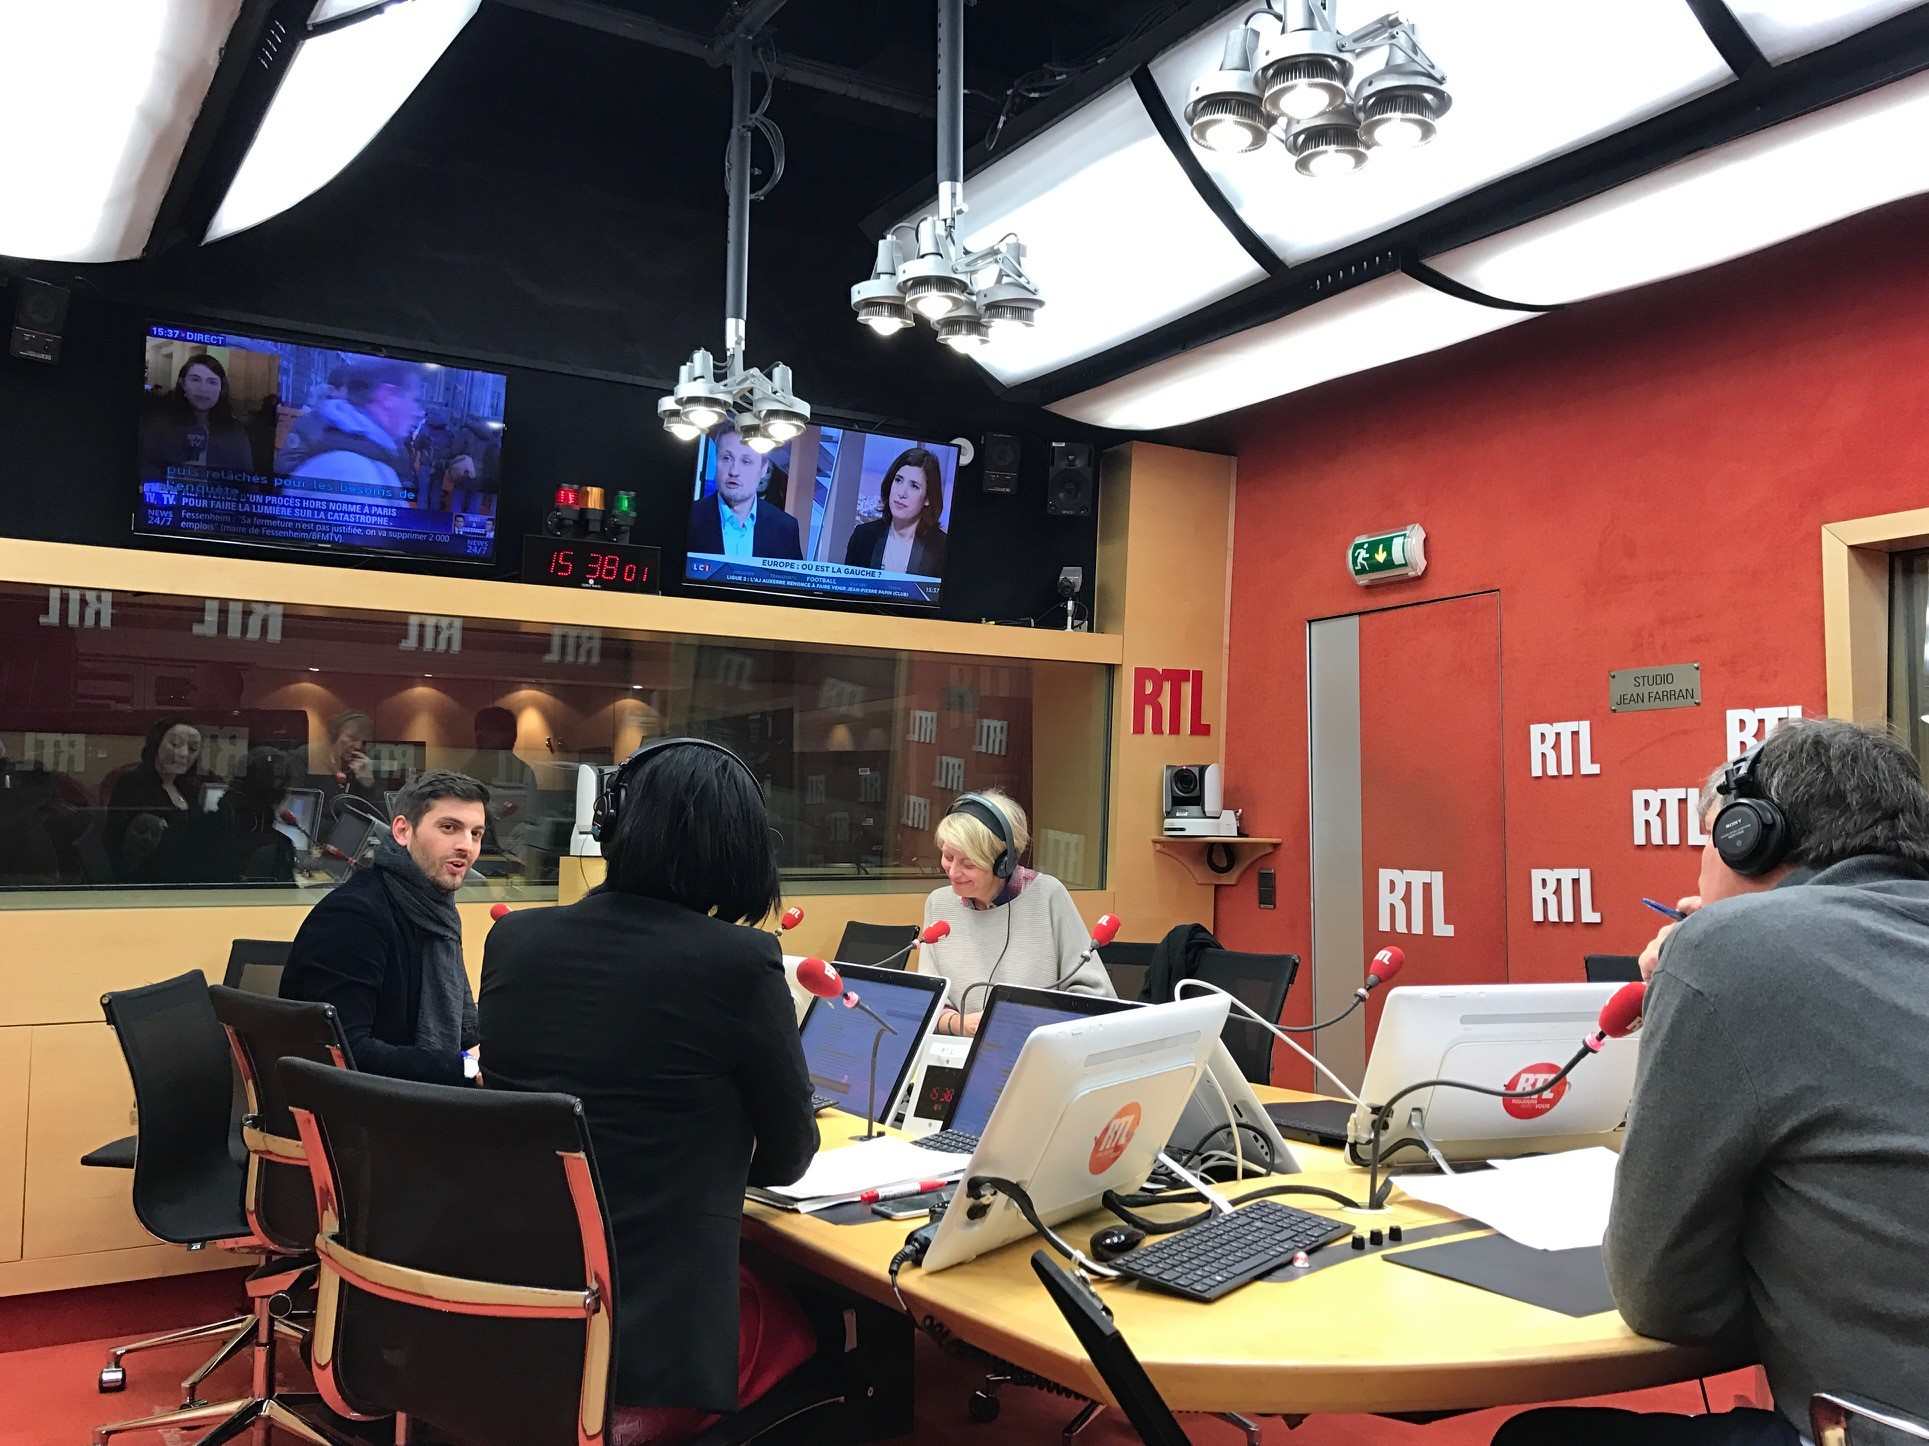 L'éco 2.0 de Bénédicte Tassart sur RTL : retrouvez le replay de l'émission ici !